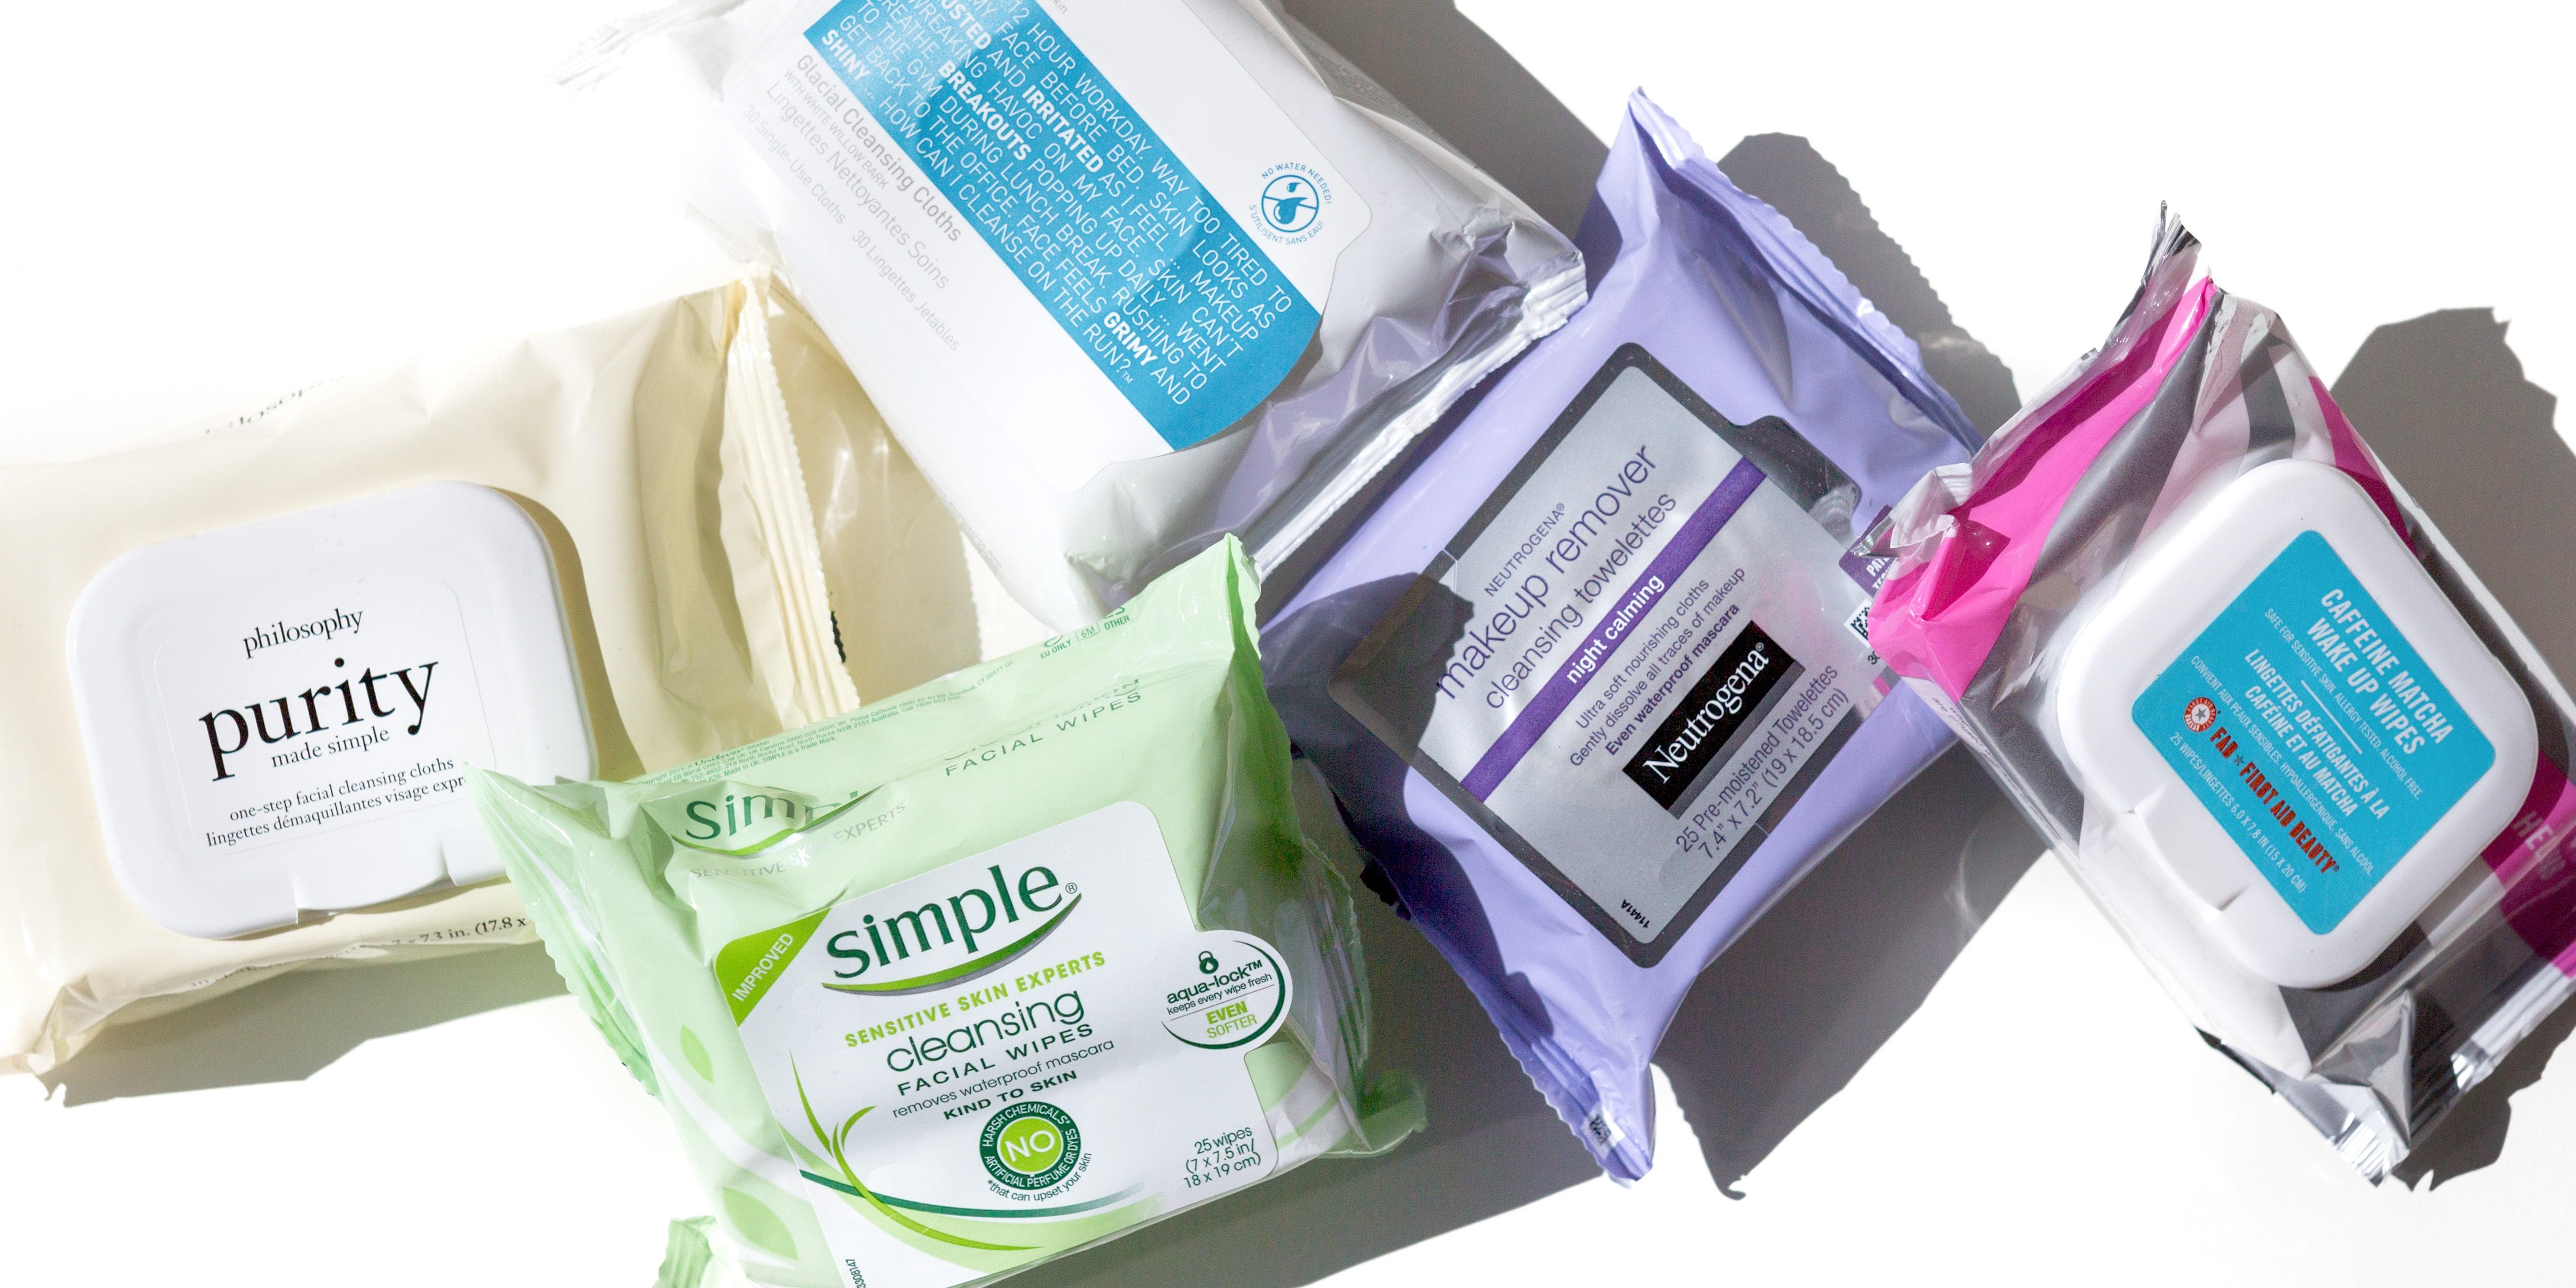 Nàng beauty blogger chỉ ra 3 món skincare được dân tình ca tụng nhưng bạn không nên mua vì tiềm ẩn nhiều nhược điểm - Ảnh 2.